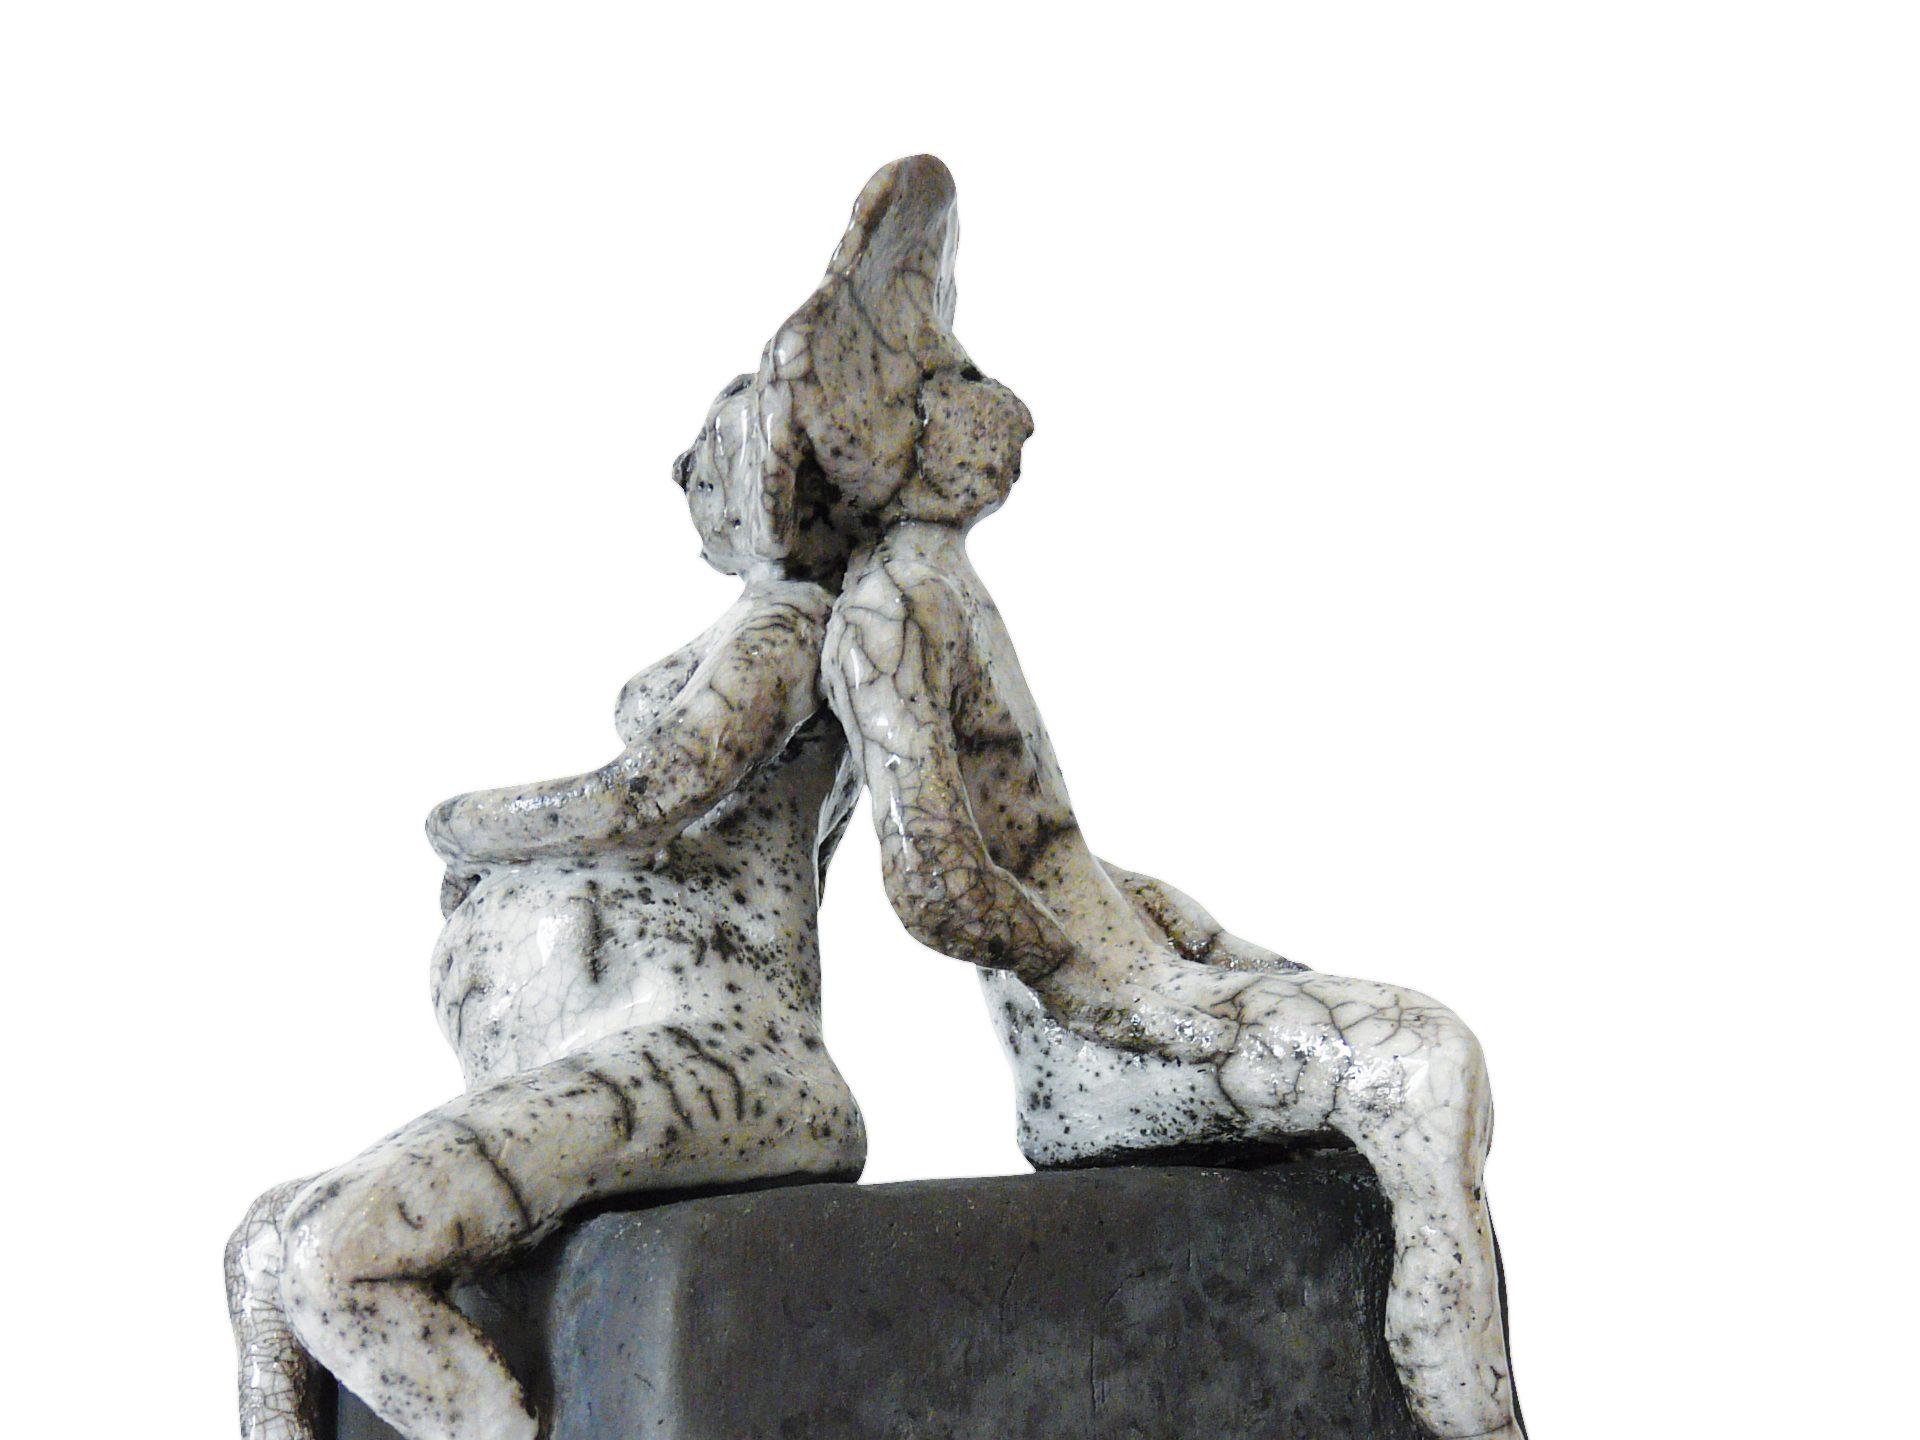 Hime et Tono, l'attente - Grès - Raku - Sculptures céramique de Florence Lemiegre